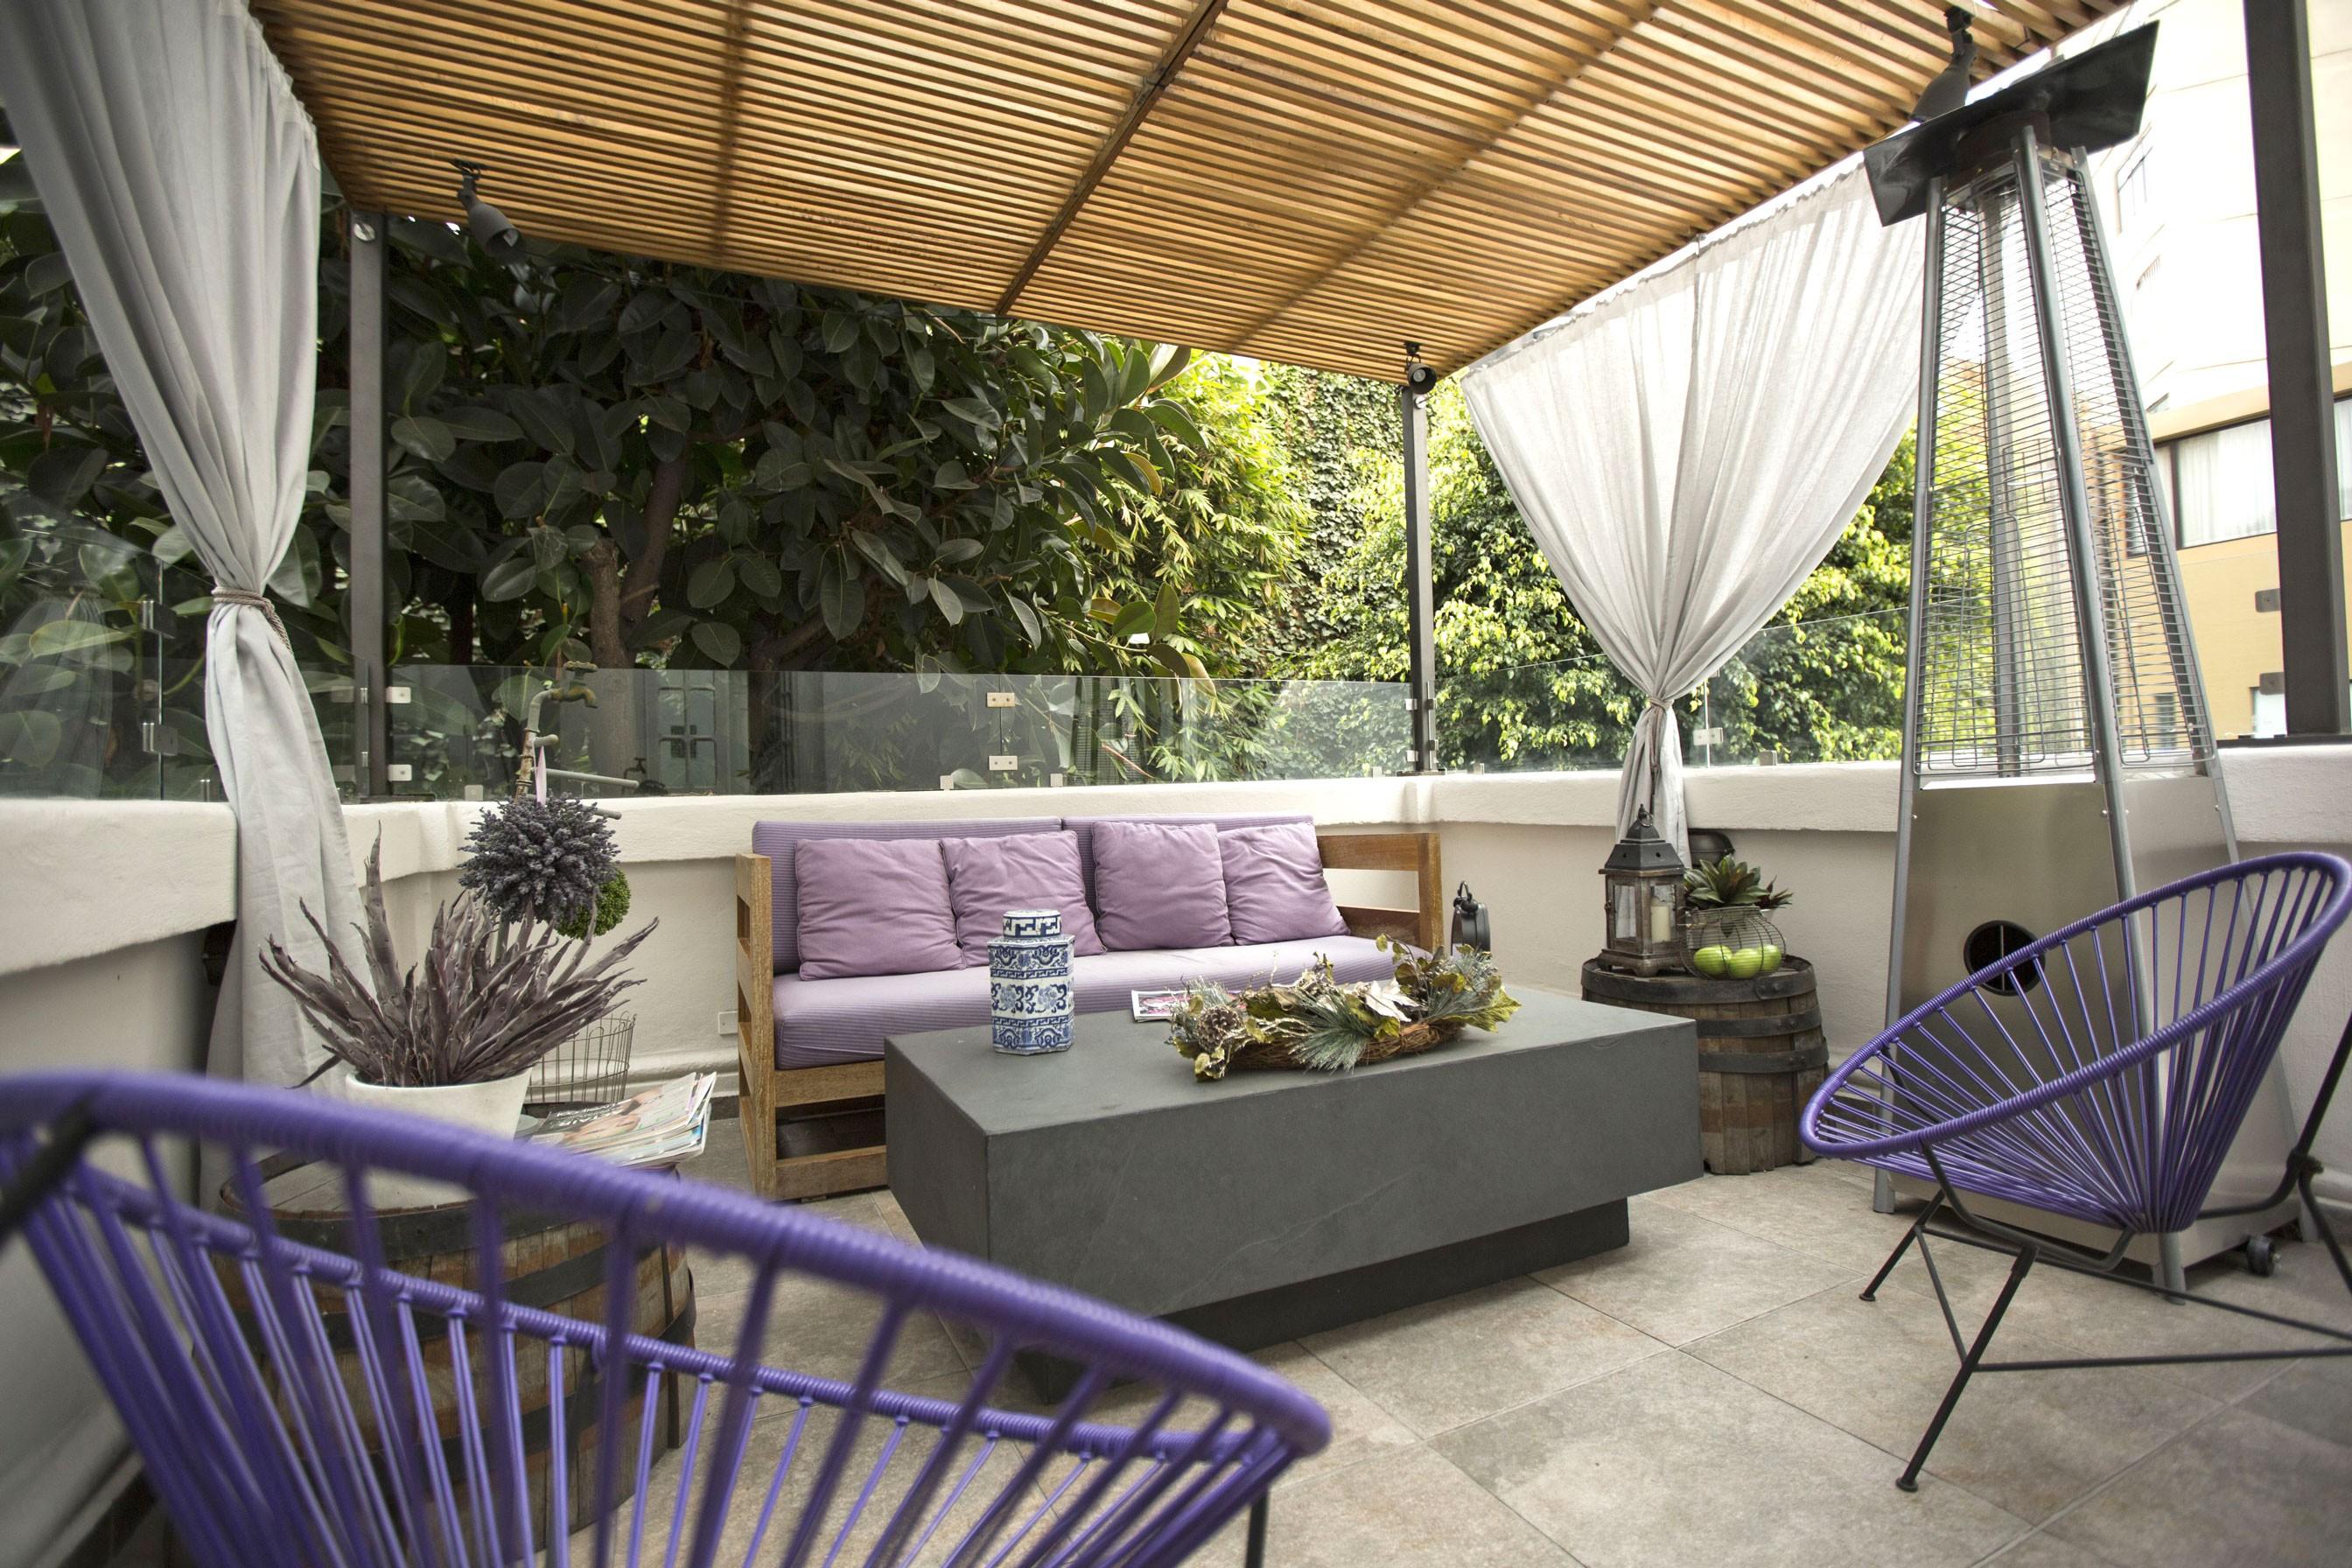 Courtesy of Hotel-Villa-Condesa / Expedia